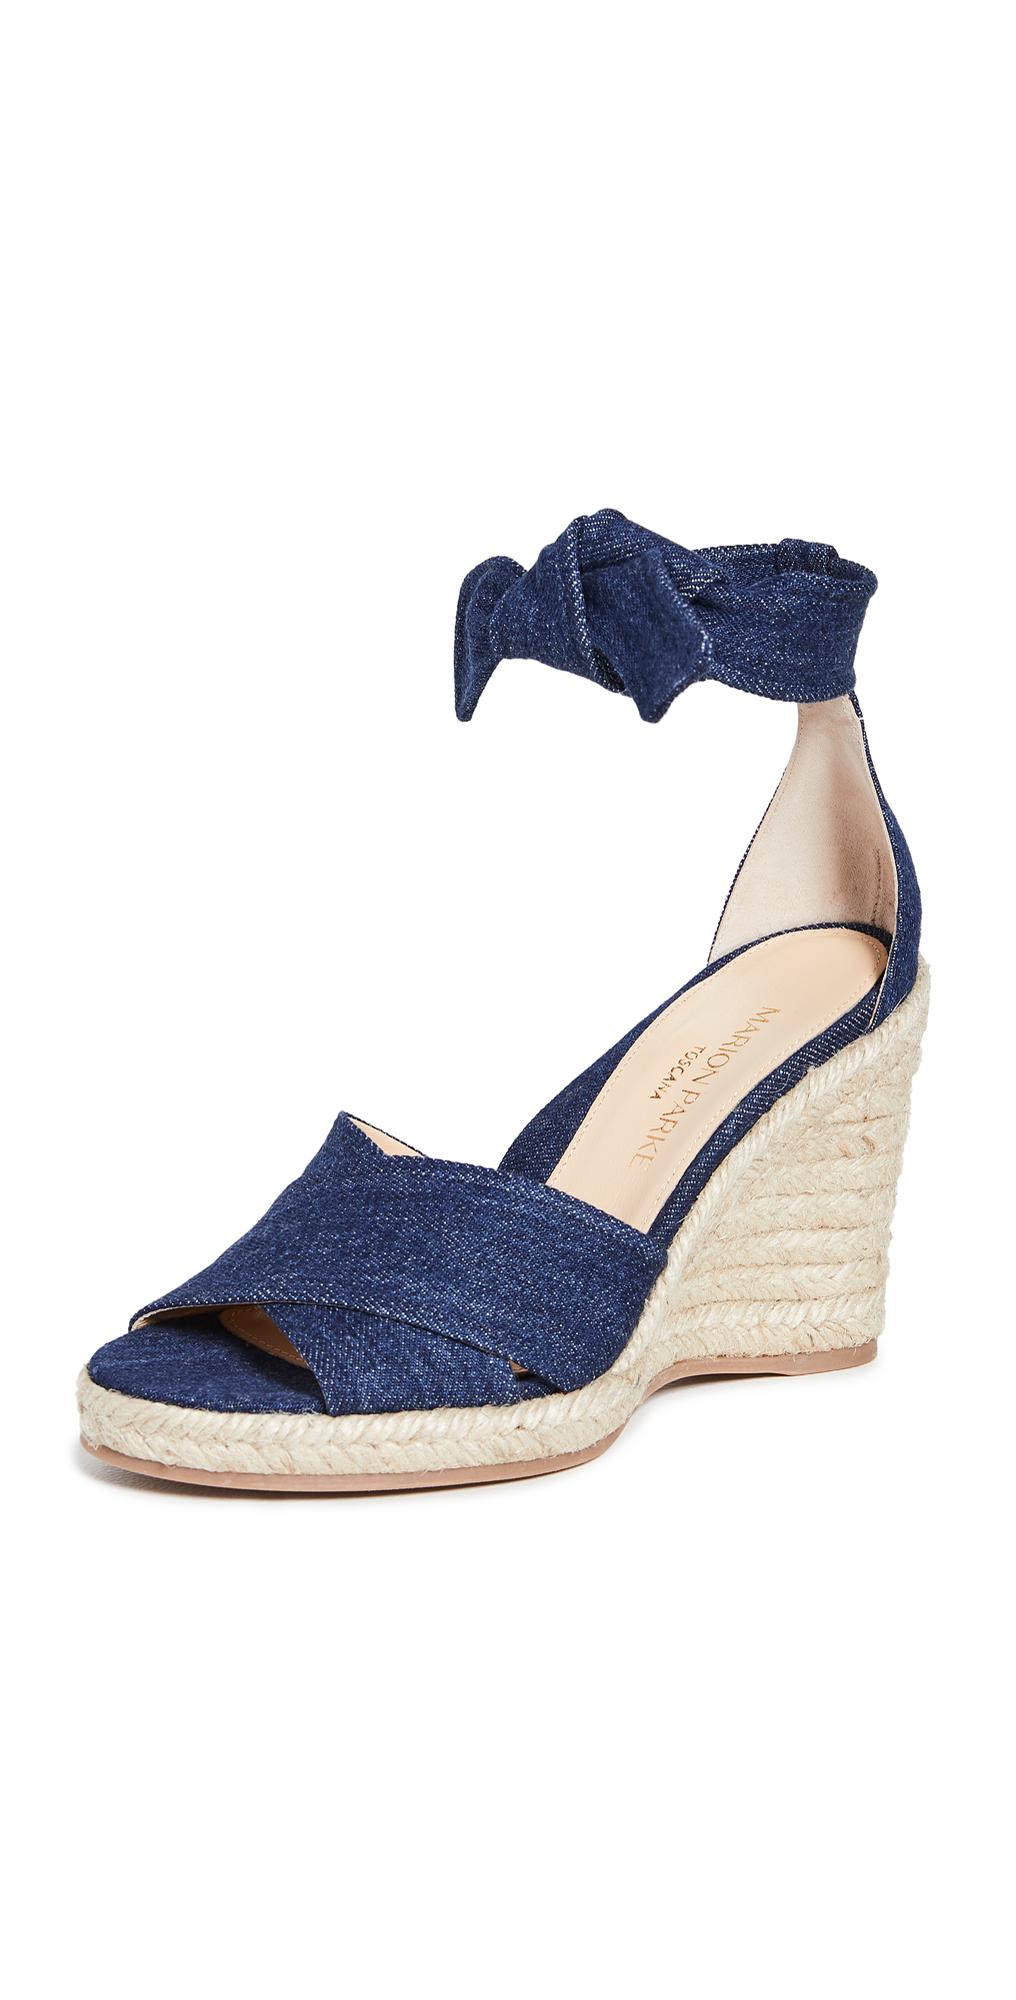 Marion Parke Leah Wedge Sandals